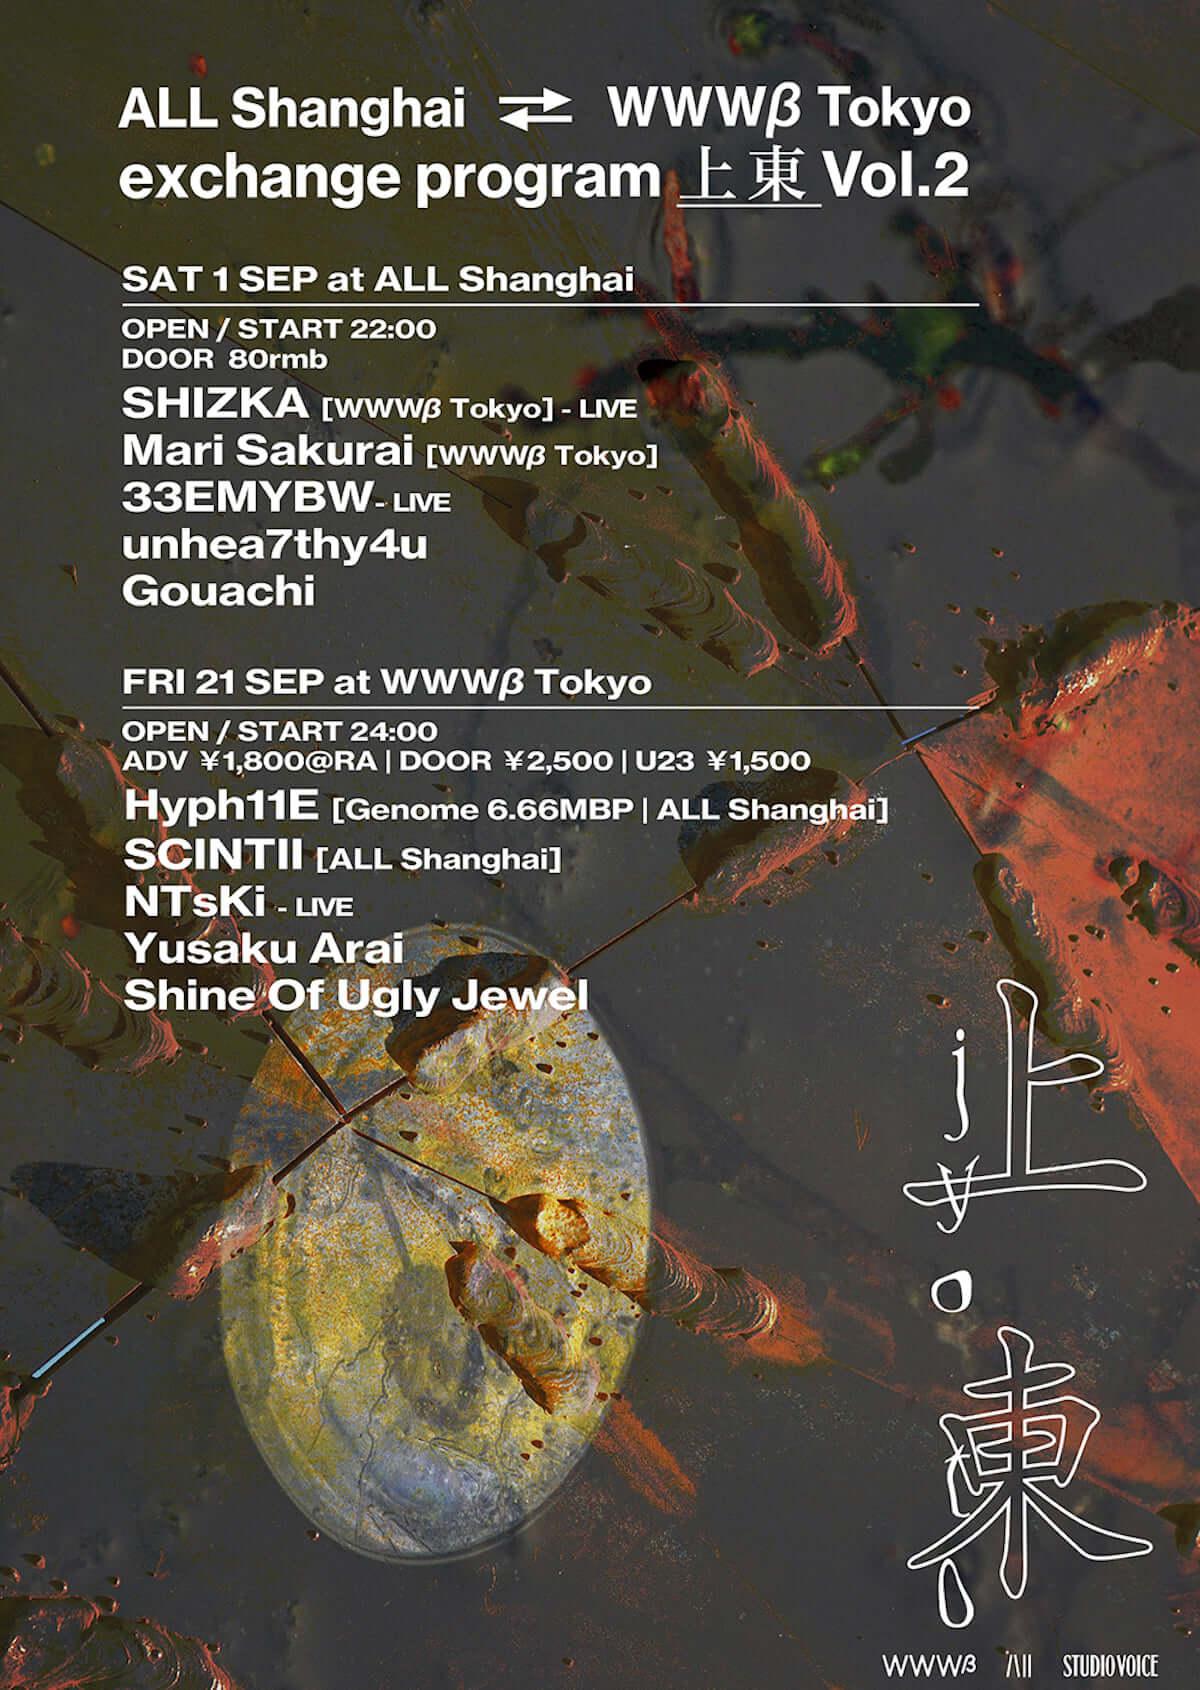 上海ALLと東京WWWβによる交換プログラムシリーズ第2弾「上東」が9月に開催 music180828-all-shaghai-wwwb-1-1200x1690